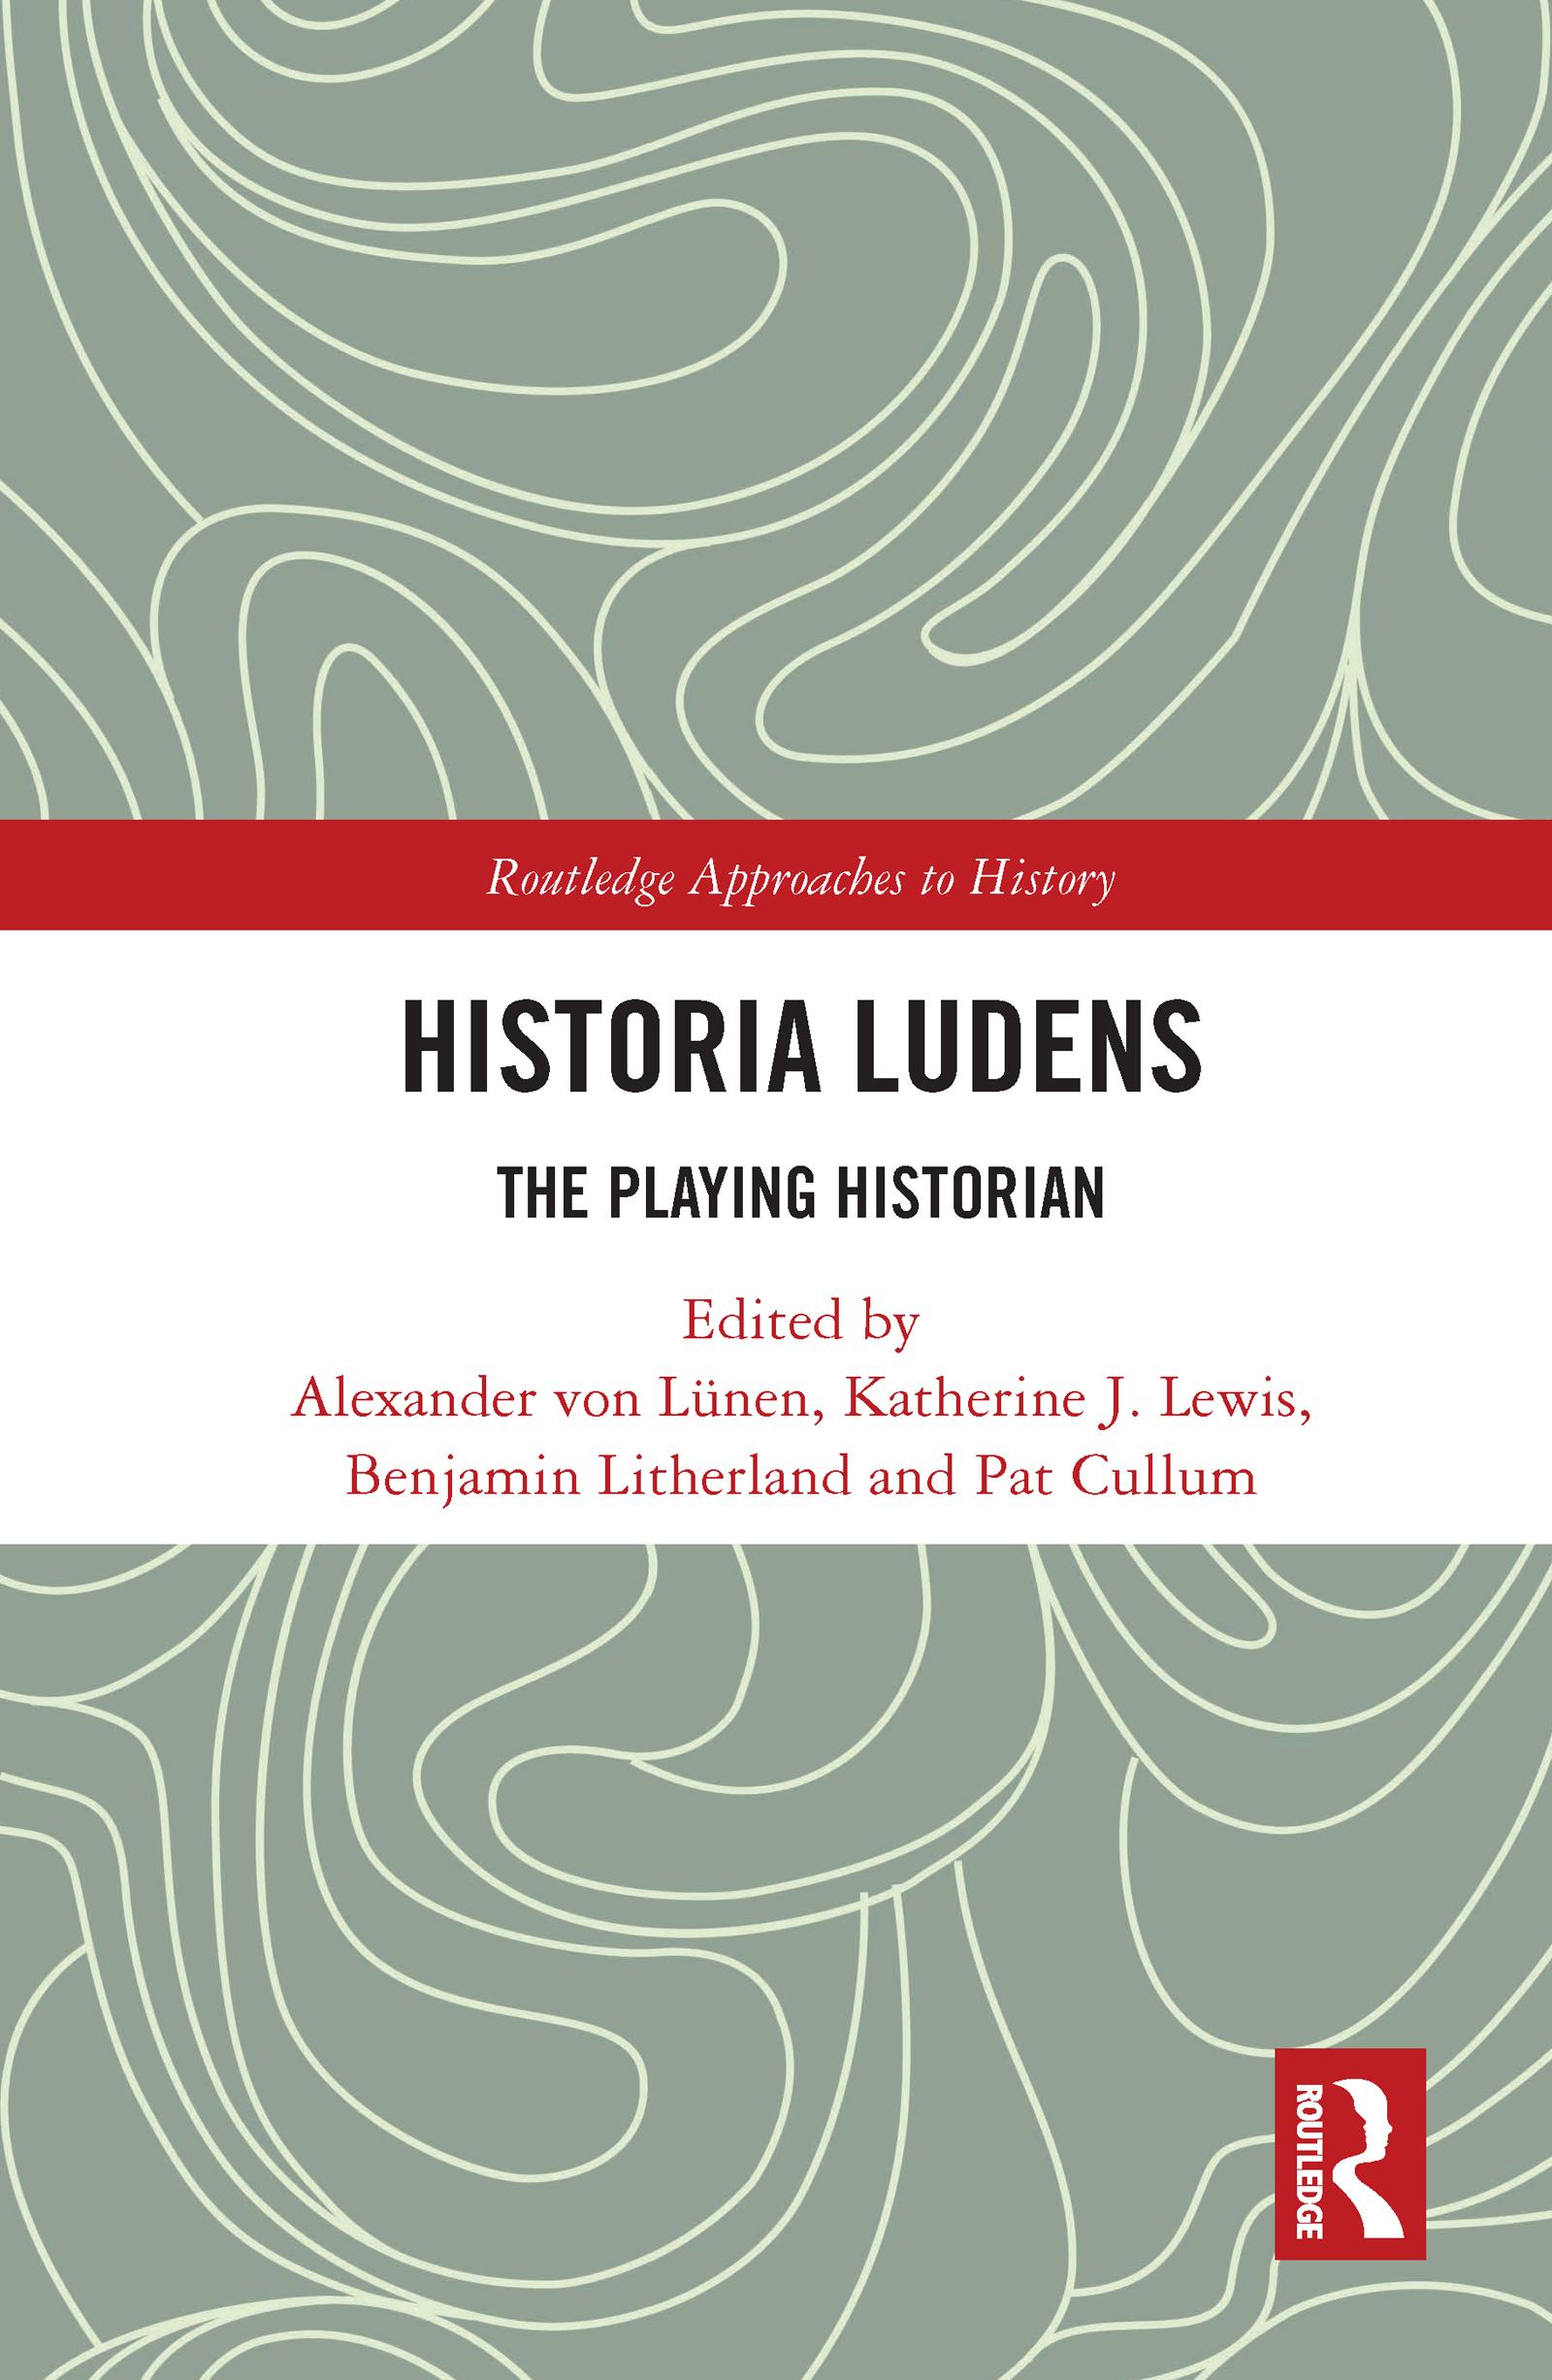 Historia Ludens